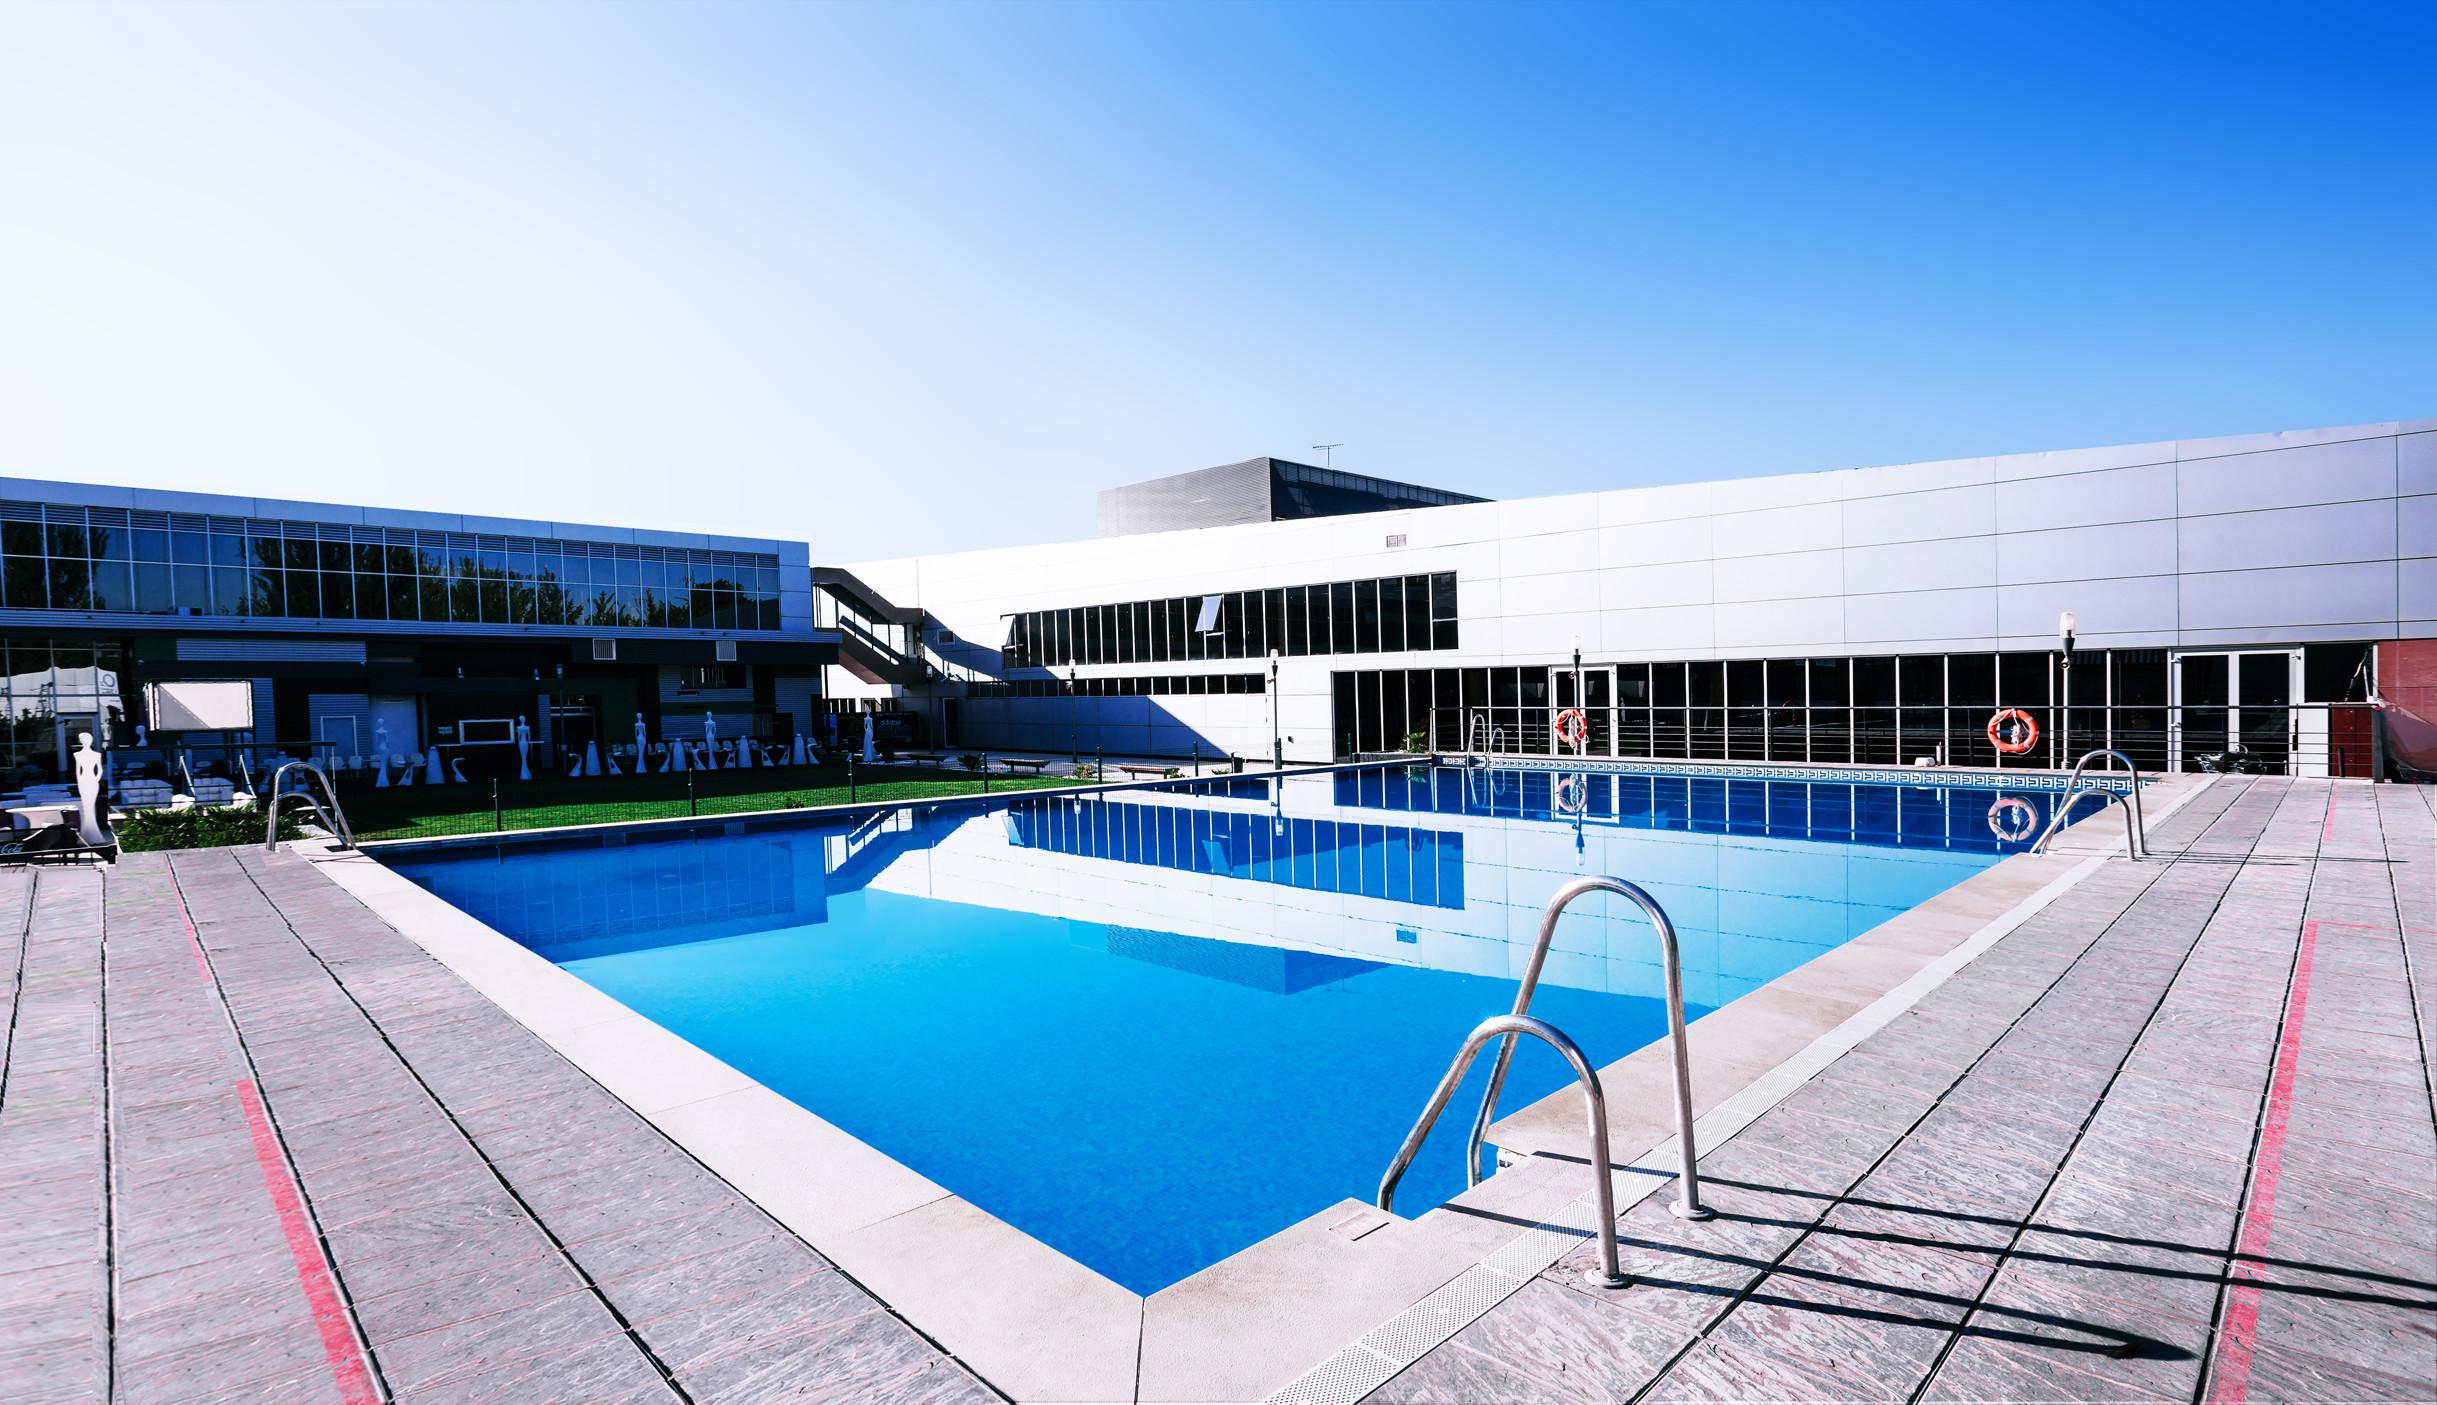 Cursos de nataci n o2 centro wellness plenilunio for Piscina de natacion